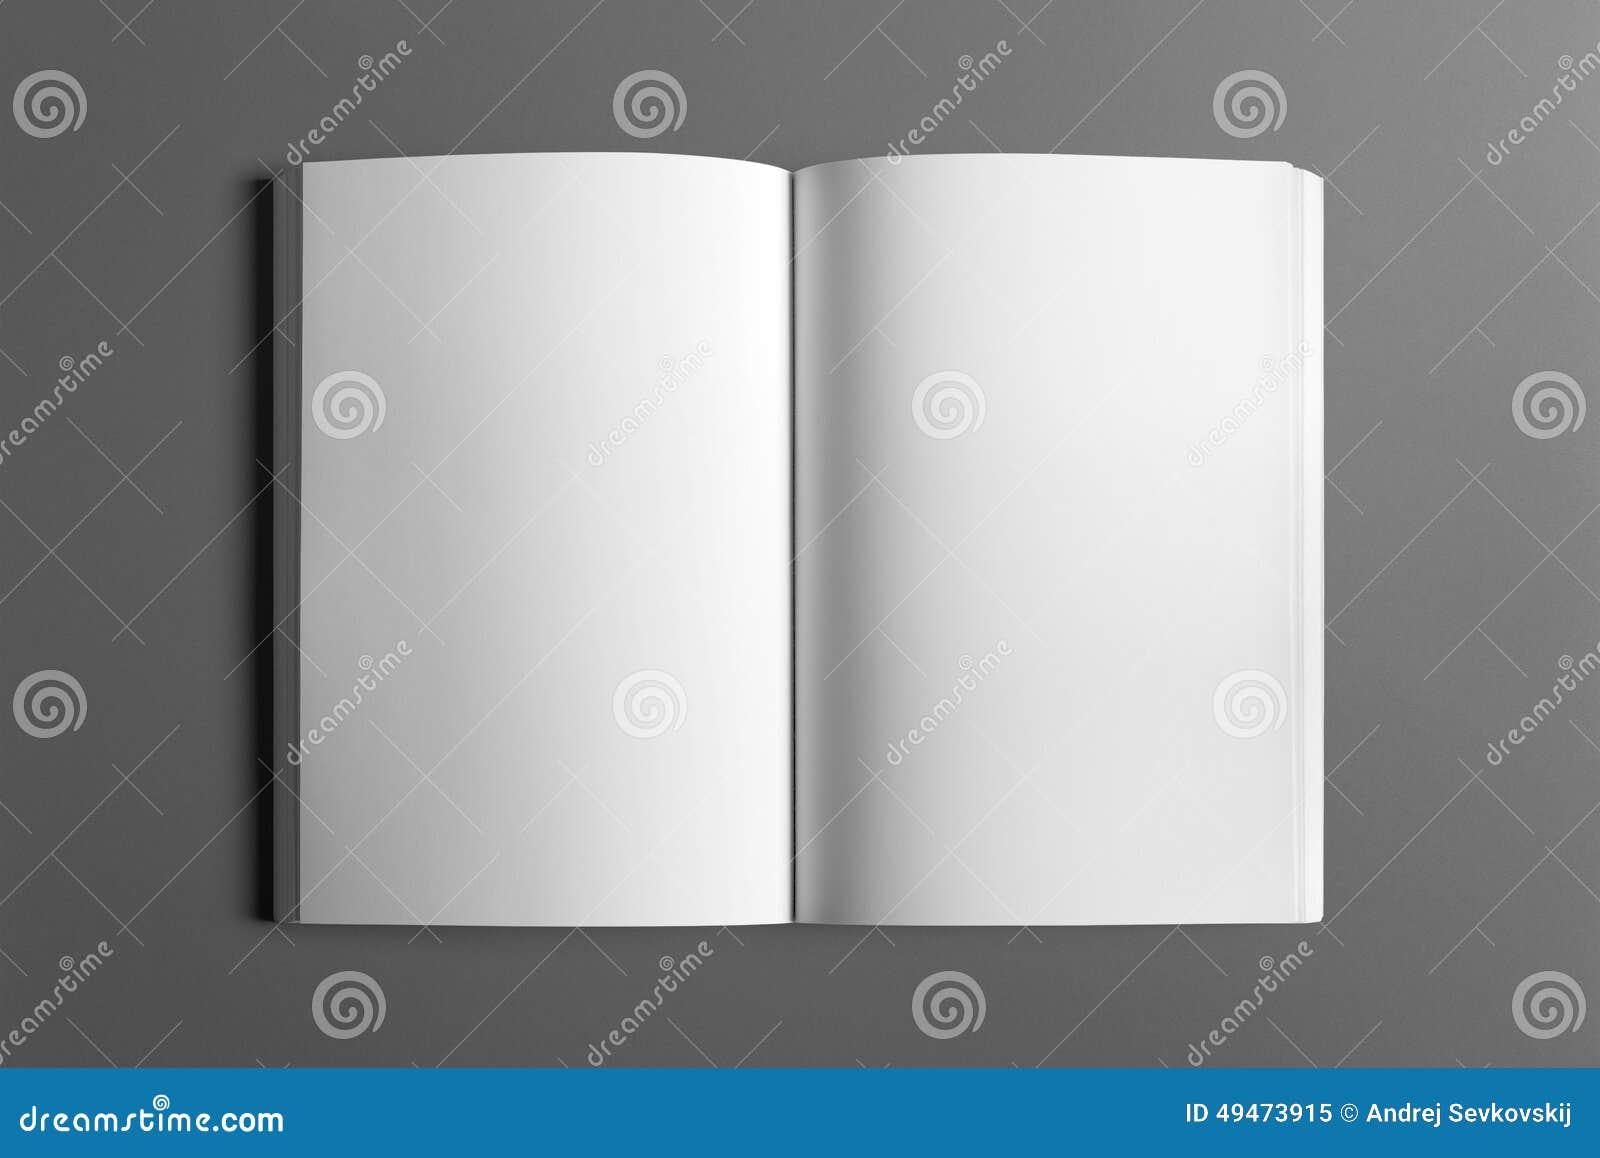 Cartel en blanco del aviador aislado en gris